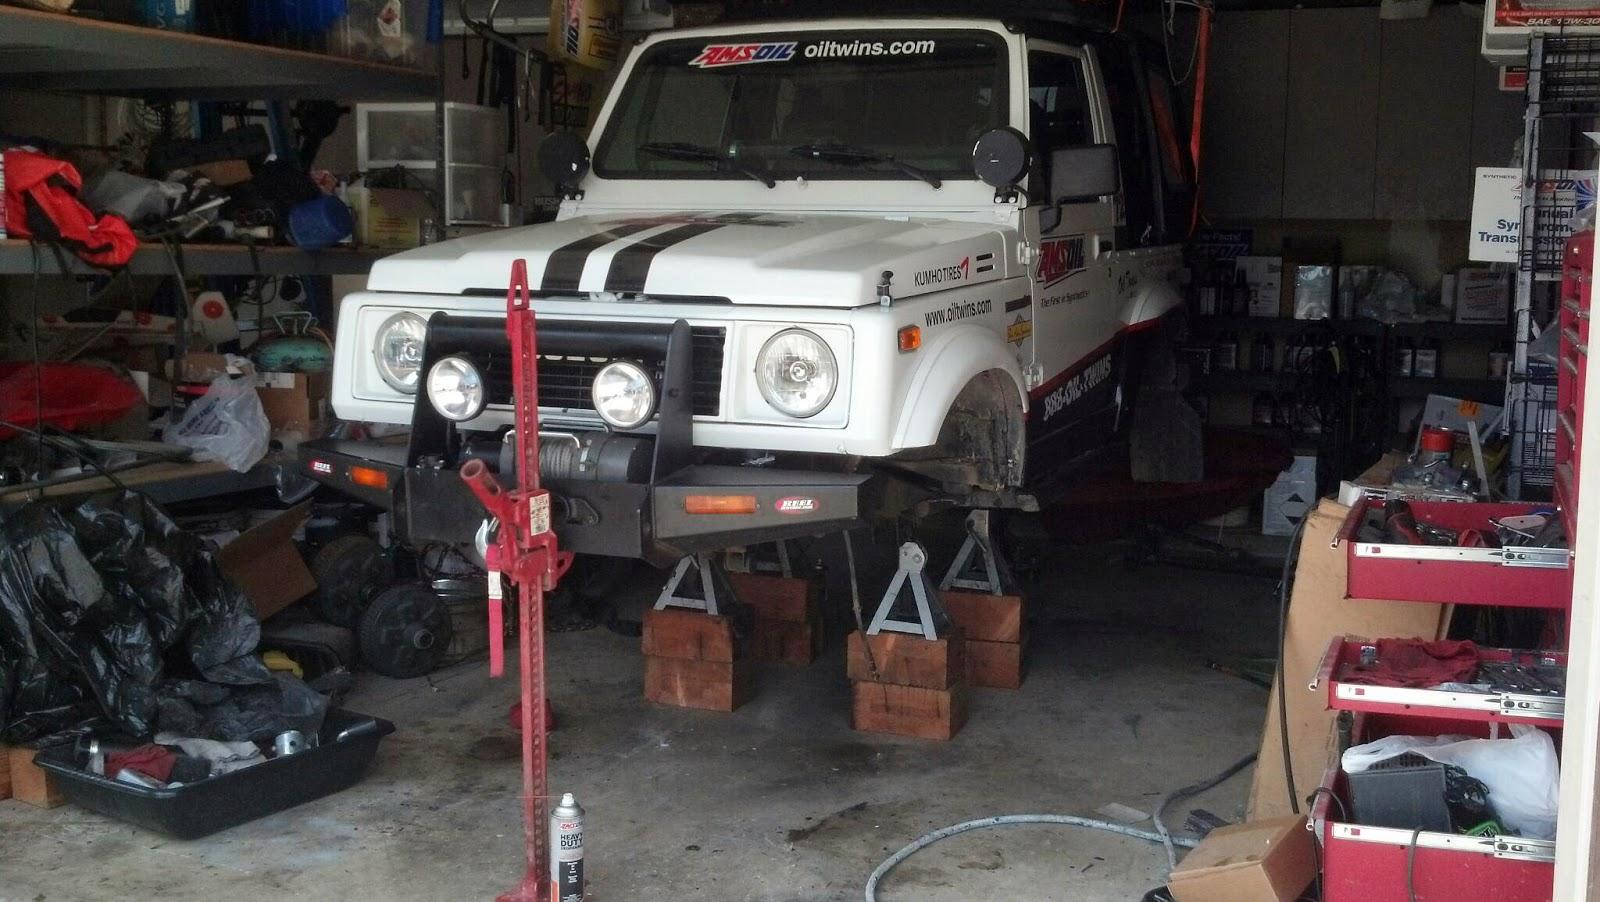 """Medford Car Dealers >> AMSOIL - """"Oil Twins"""", Independent Dealers: Oil Twins - AMSOIL Suzuki Samurai Epic Trek Upgrade ..."""